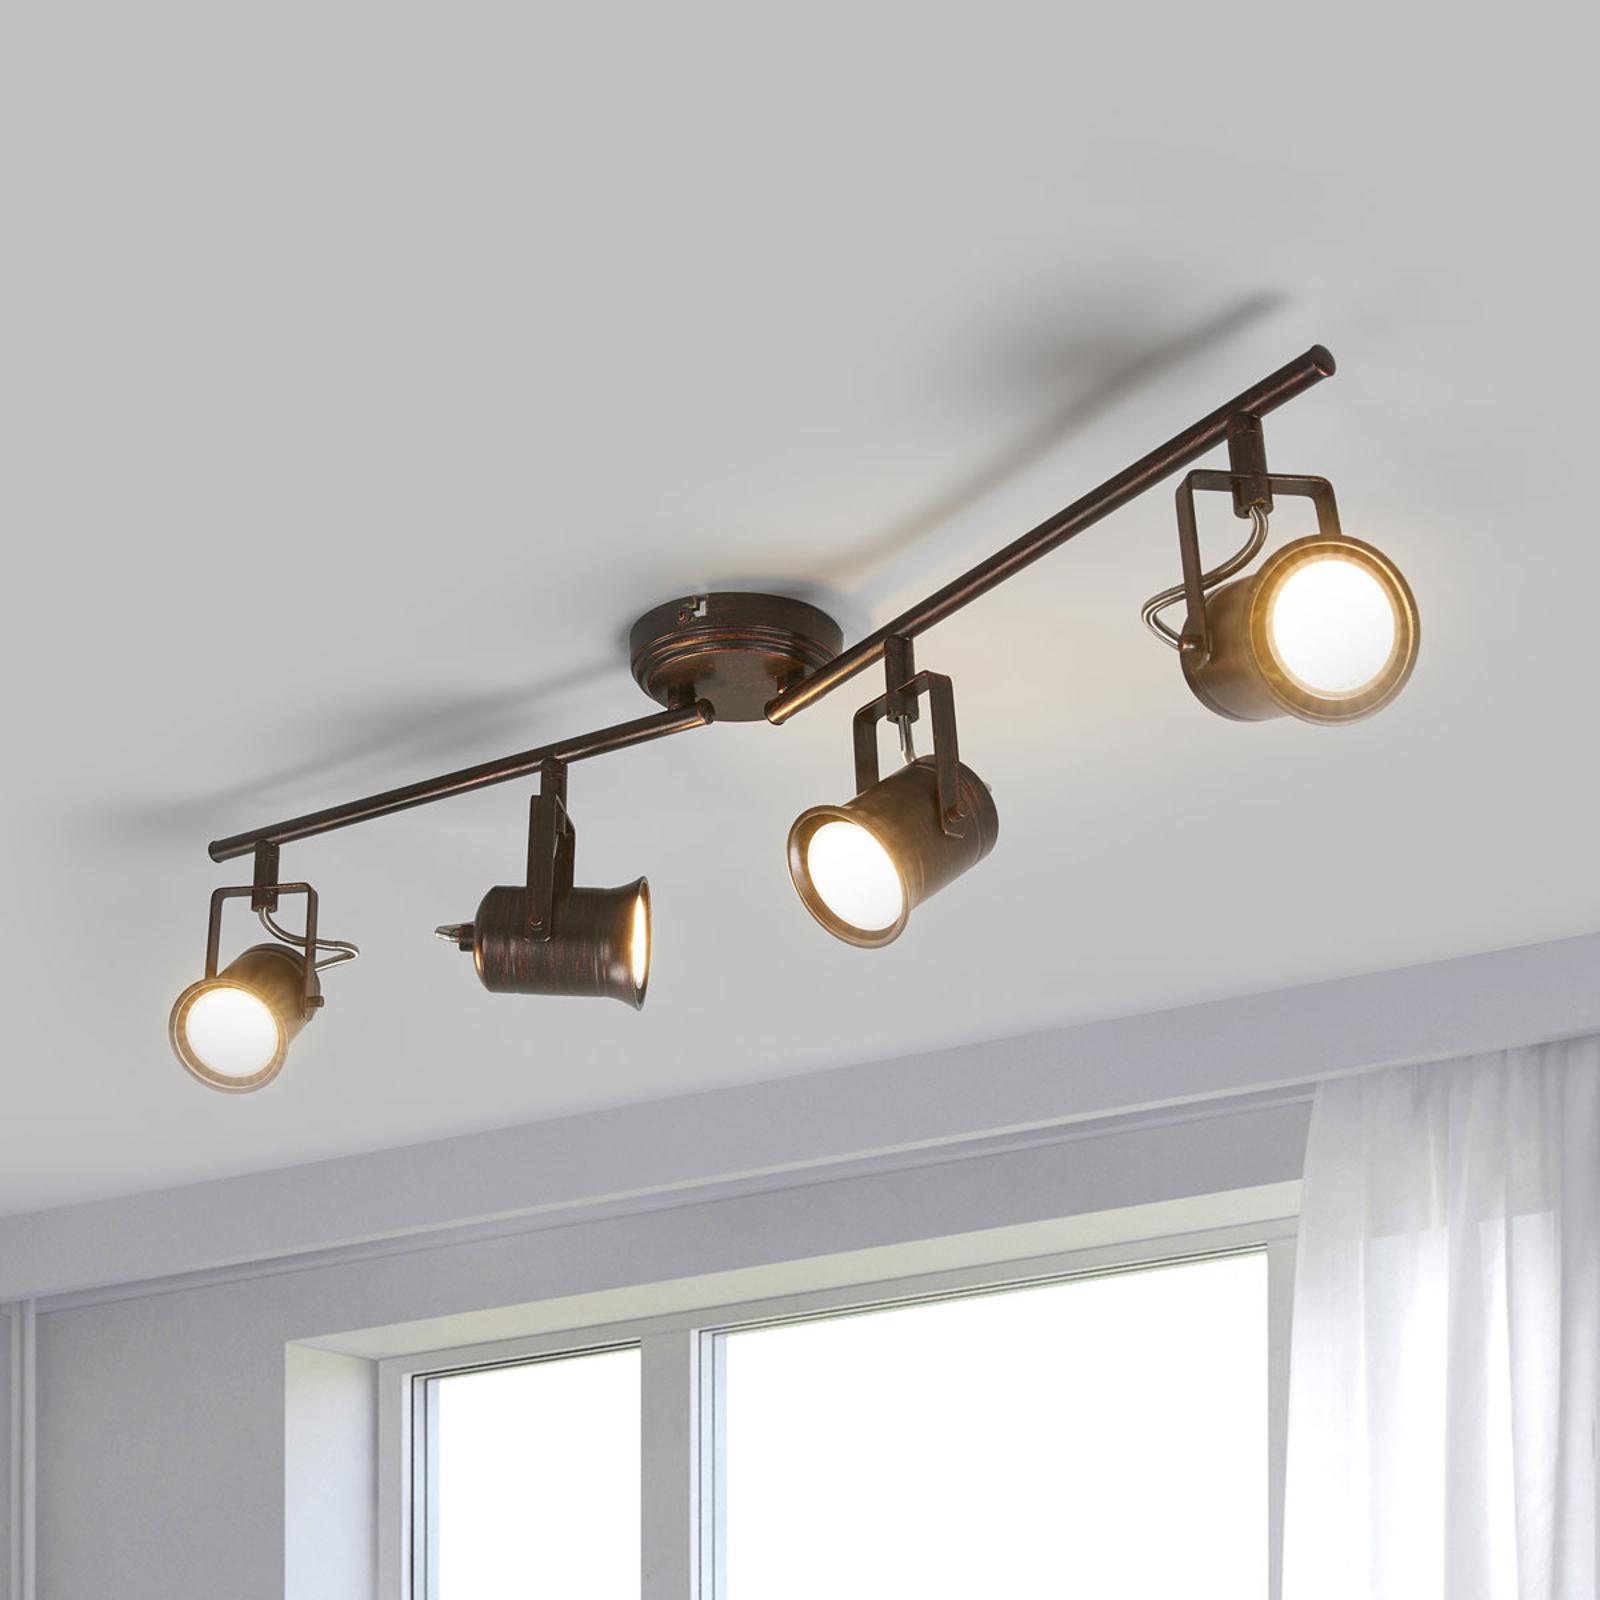 De 9 beste bildene for Lys og lamper | lamper, lys, taklampe